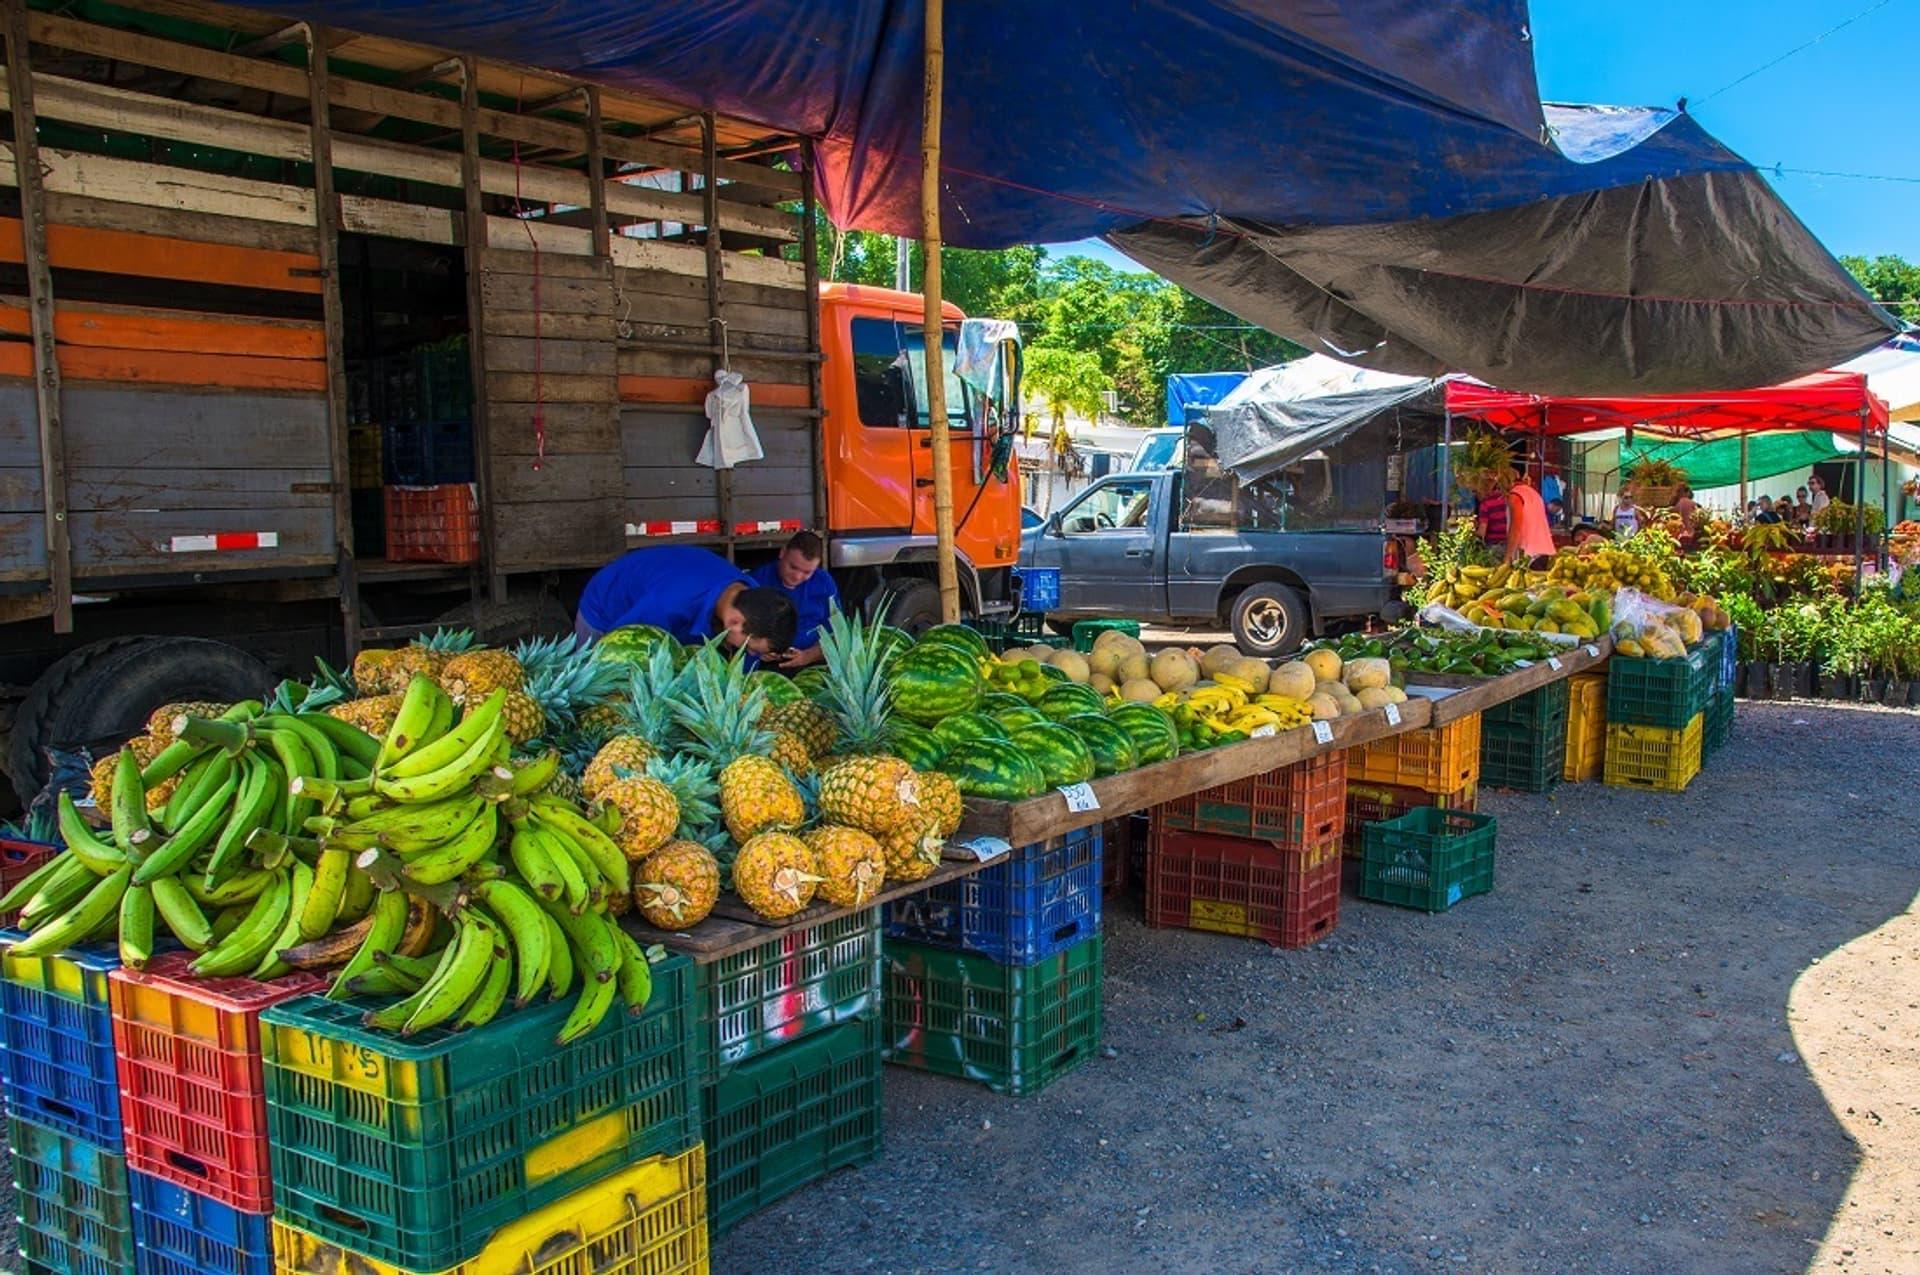 Marktstand in Costa Rica: Touristen und Fremdarbeiter fehlen als Kunden wegen Grenzschließung